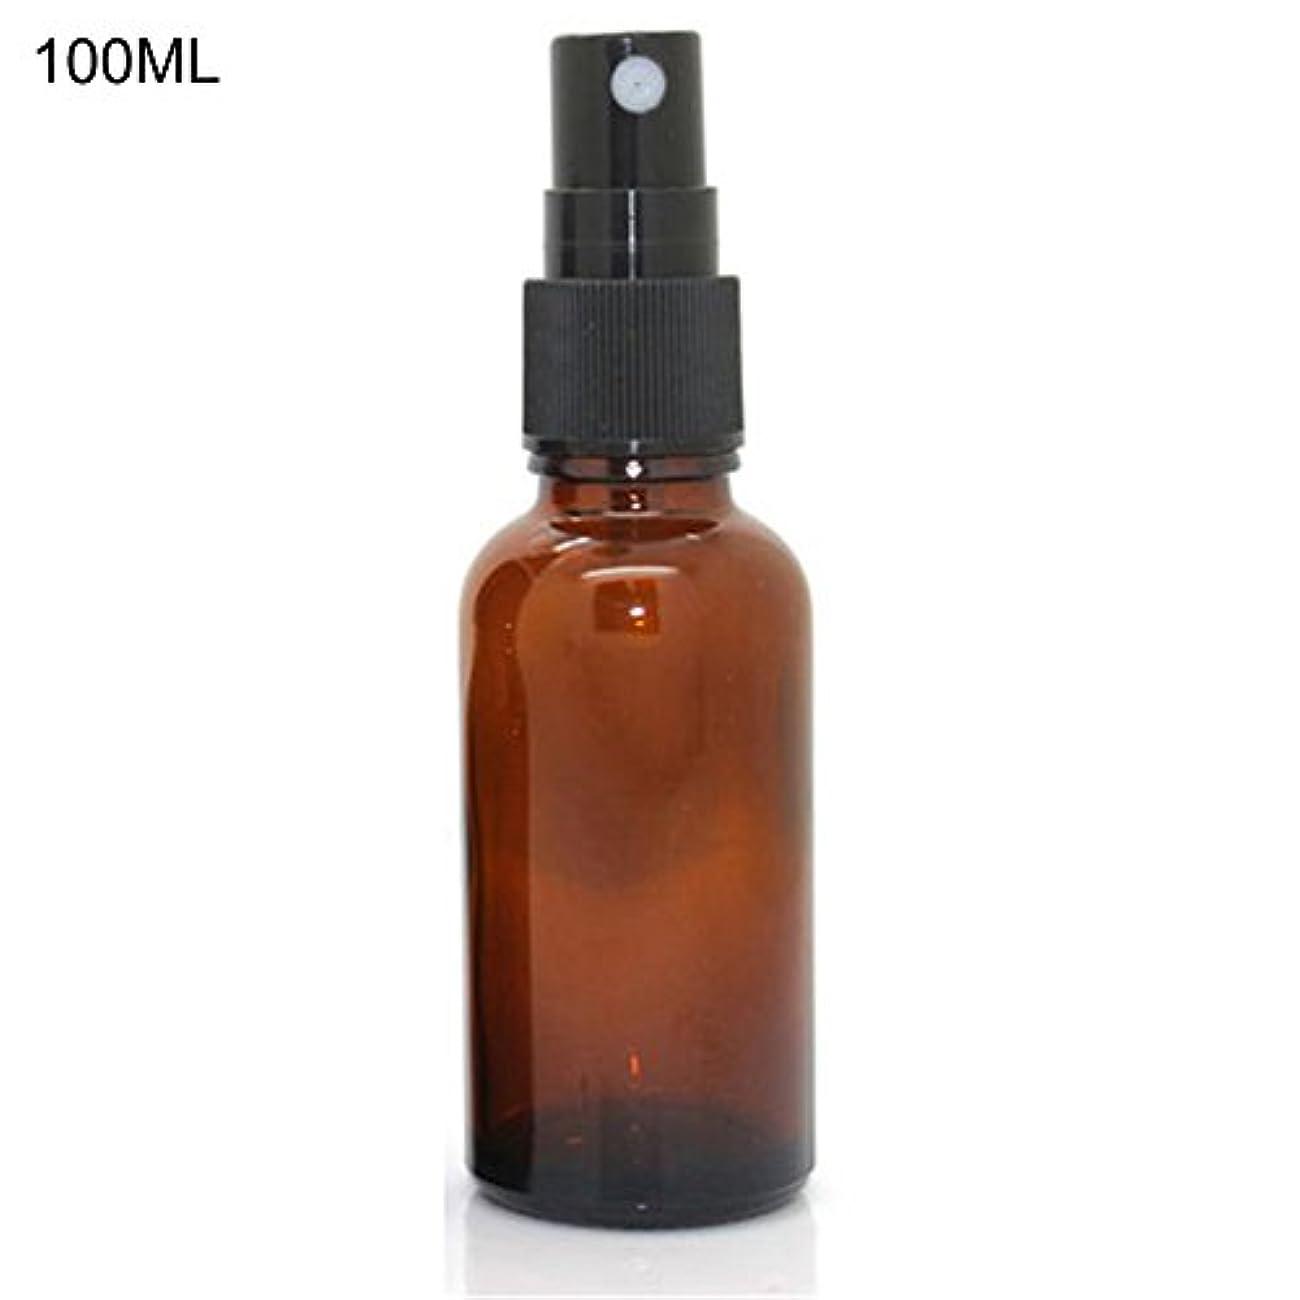 無謀悪名高い深くhamulekfae-化粧品綺麗5ミリリットル-100ミリリットル美容空琥珀色のガラス瓶エッセンシャルオイルミストスプレーコンテナケース - 100ミリリットル